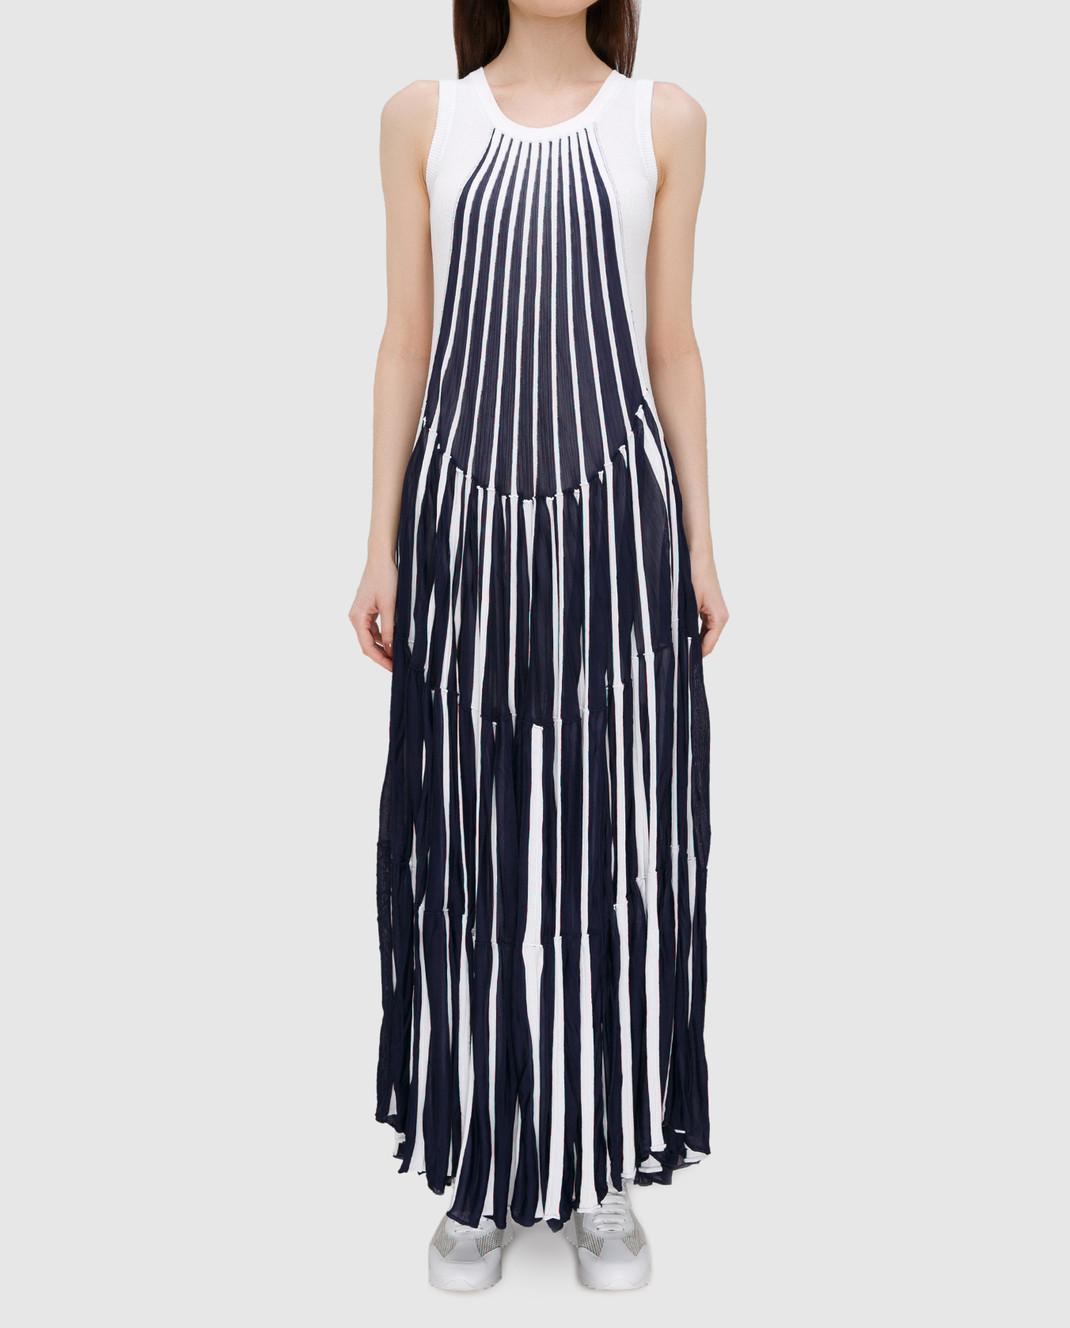 Chloe Синее платье изображение 3